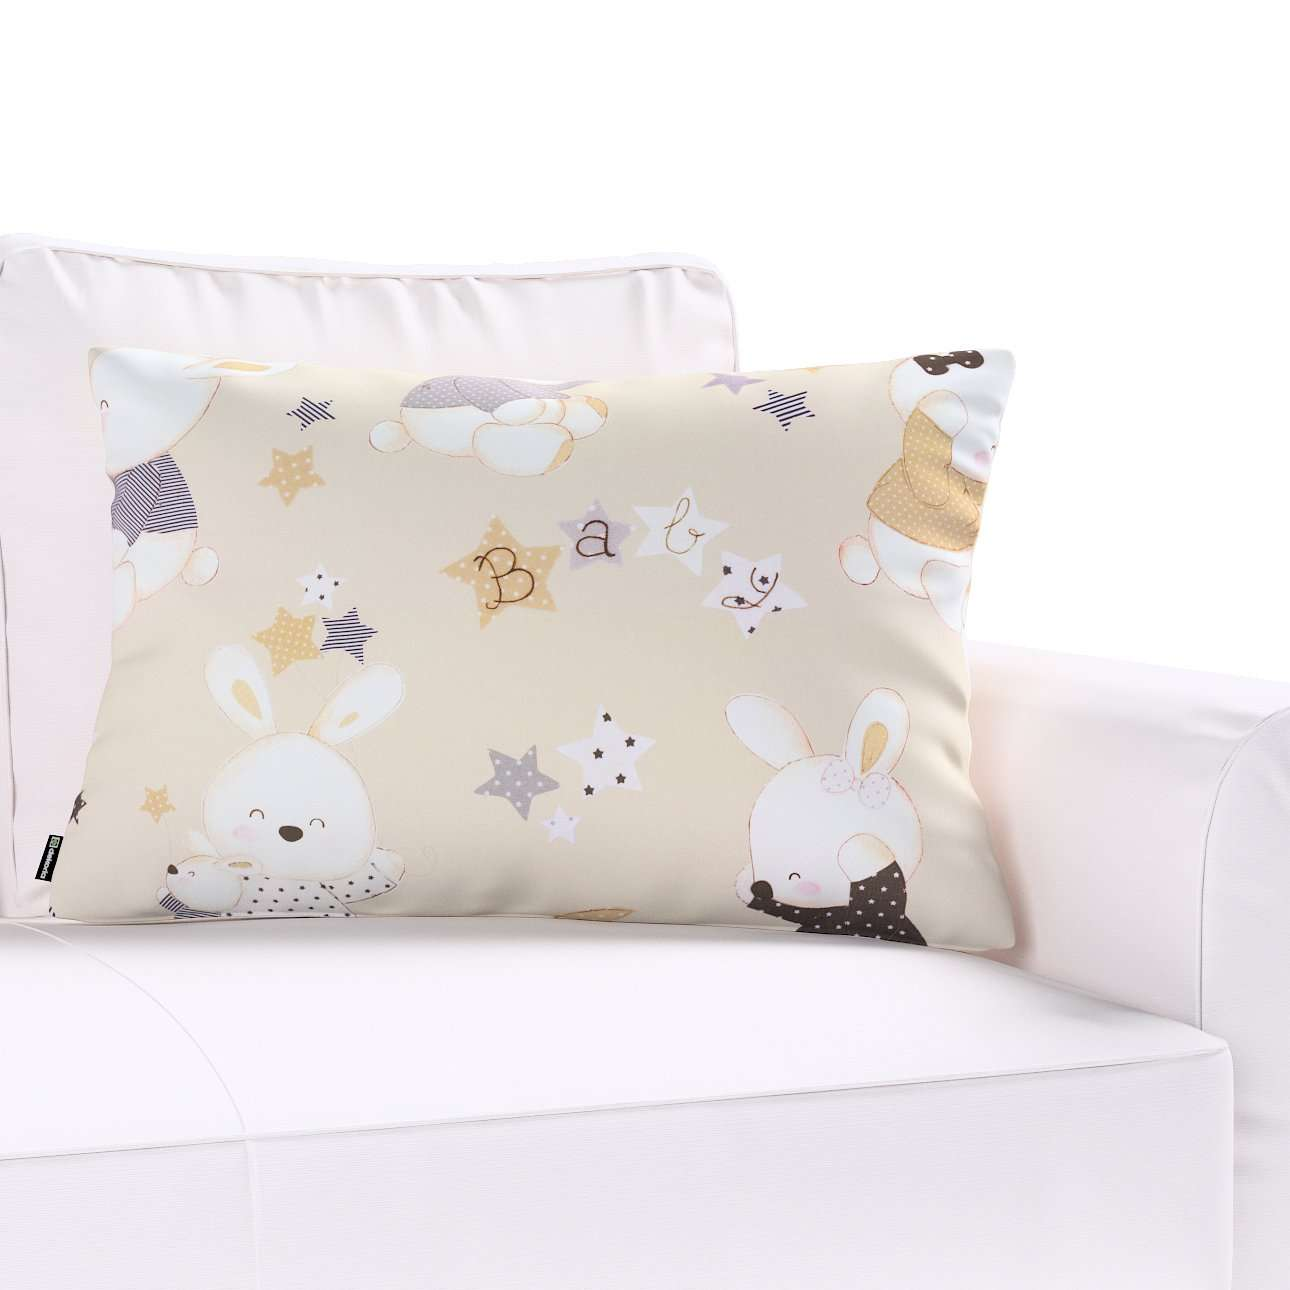 Poszewka Kinga na poduszkę prostokątną w kolekcji Adventure, tkanina: 141-85